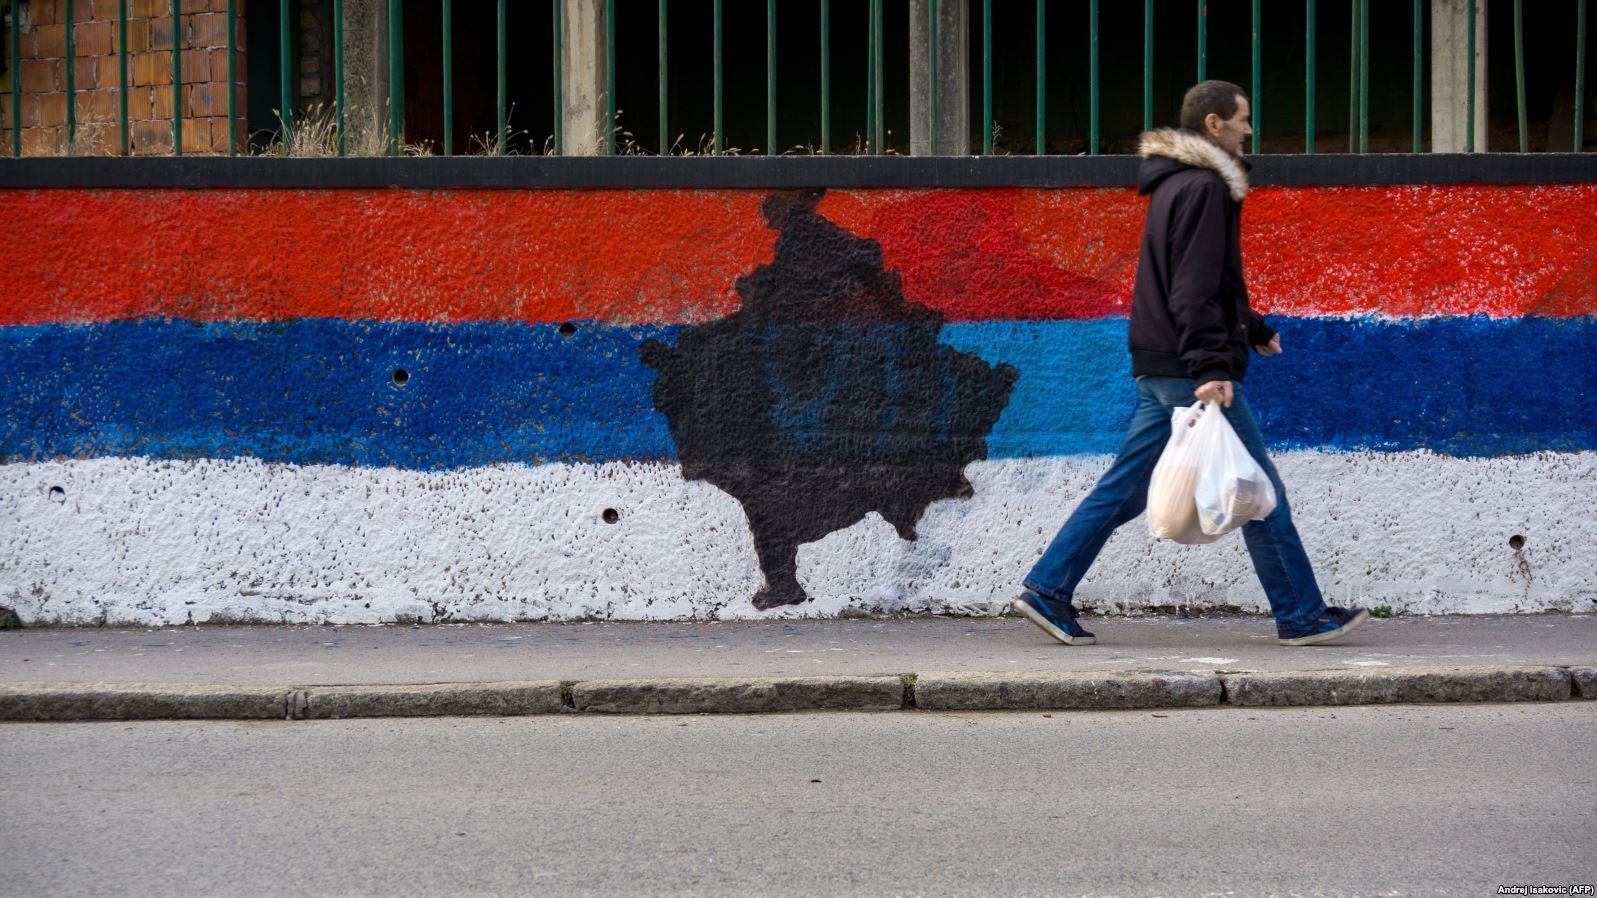 Serbt Radikal Ikn Nga Be Ja Dhe Kosovn Gazeta Koha Jone Serbet Mbi 80 Pr Qind E Qytetarve T Serbis Nuk Do Mbshtesnin Pavarsin Kosovs Edhe Sikur Nj Gj Till Ishte Kusht Antarsimin Shtetit Serb